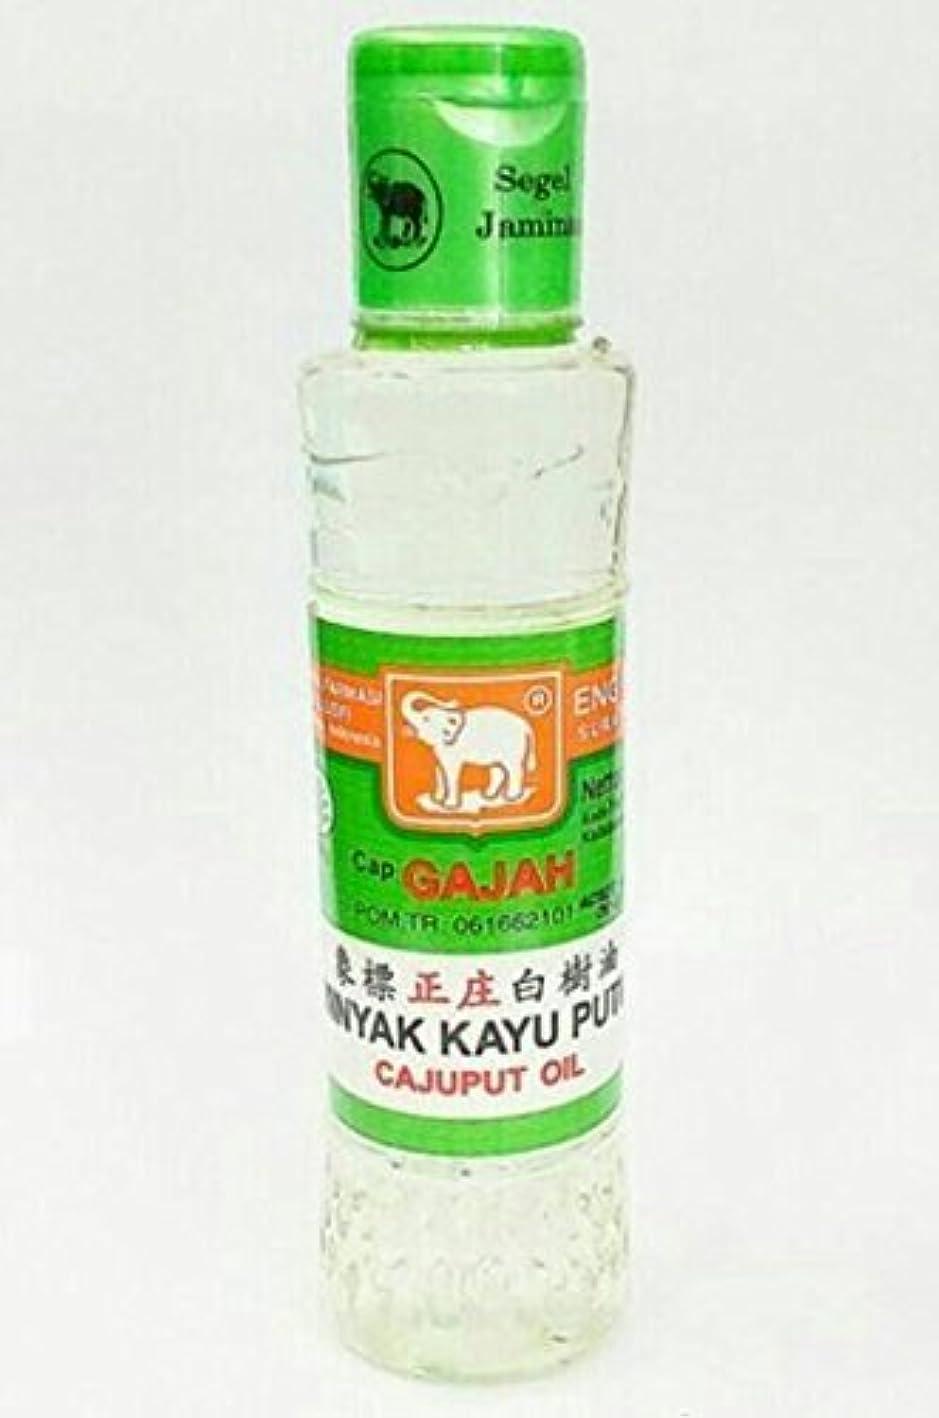 ウイルス差別する不平を言うCap Gajah Minyak Kayu Putih - Elephant Brand Cajuput Oil, 120ml by Elephant Brand